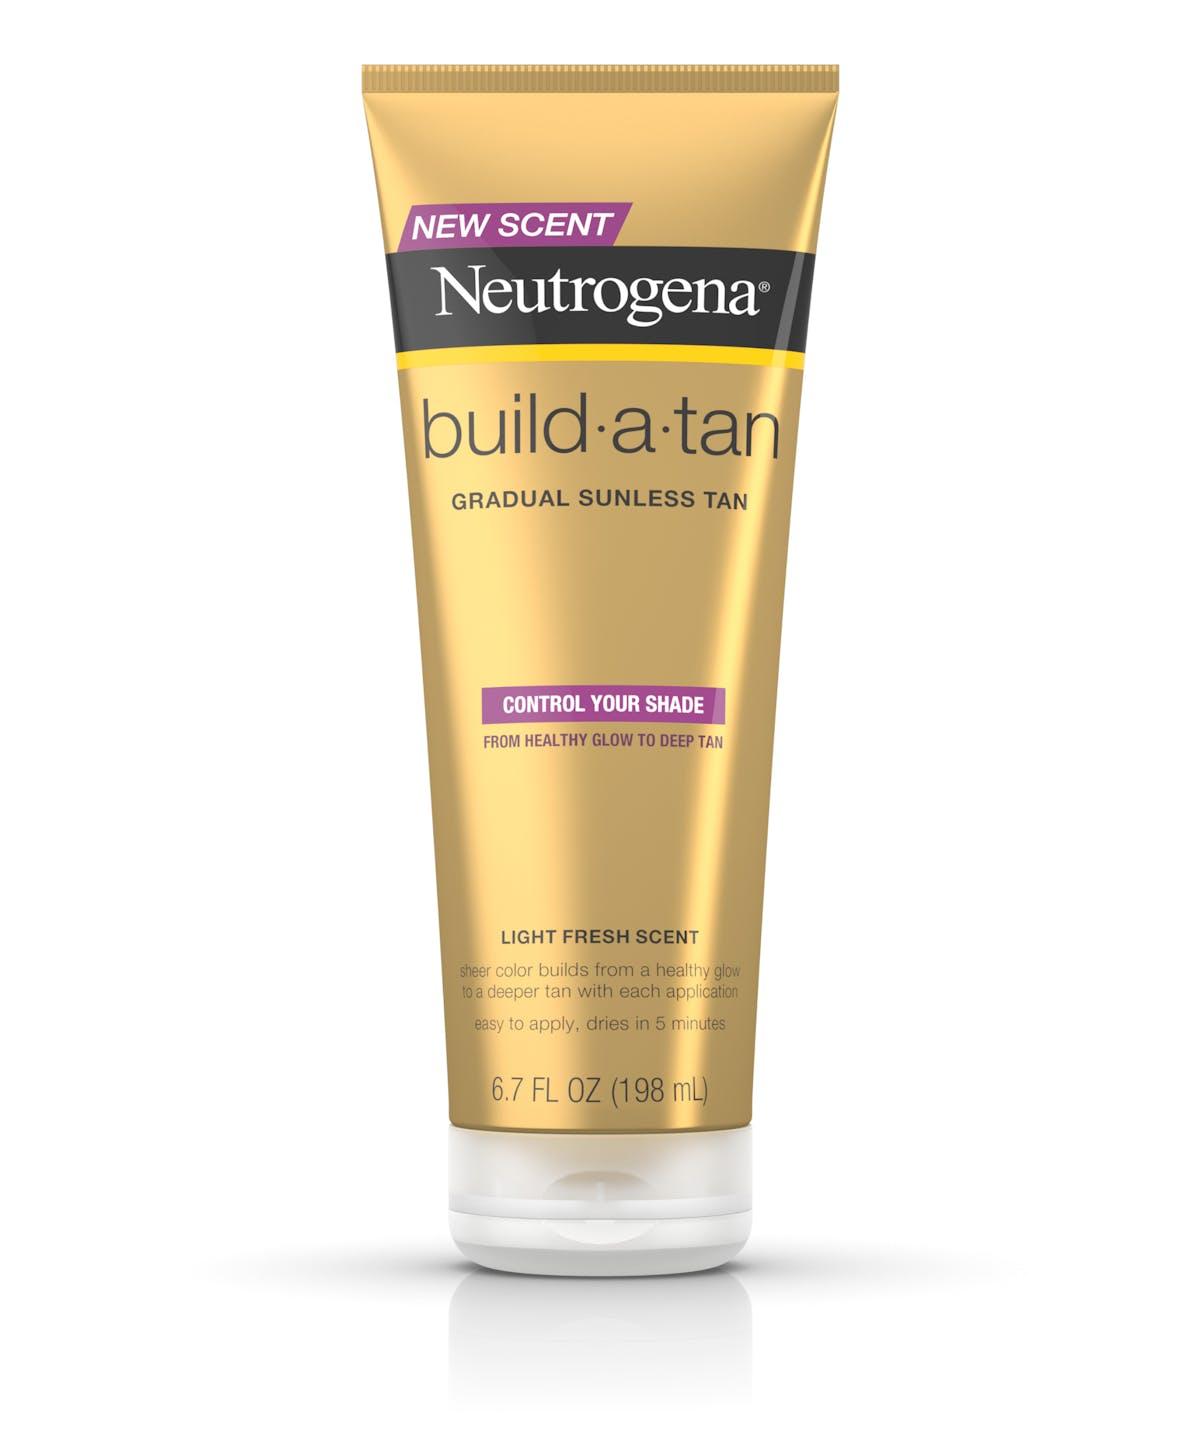 neutrogena build a tan gradual sunless tan lotion neutrogena